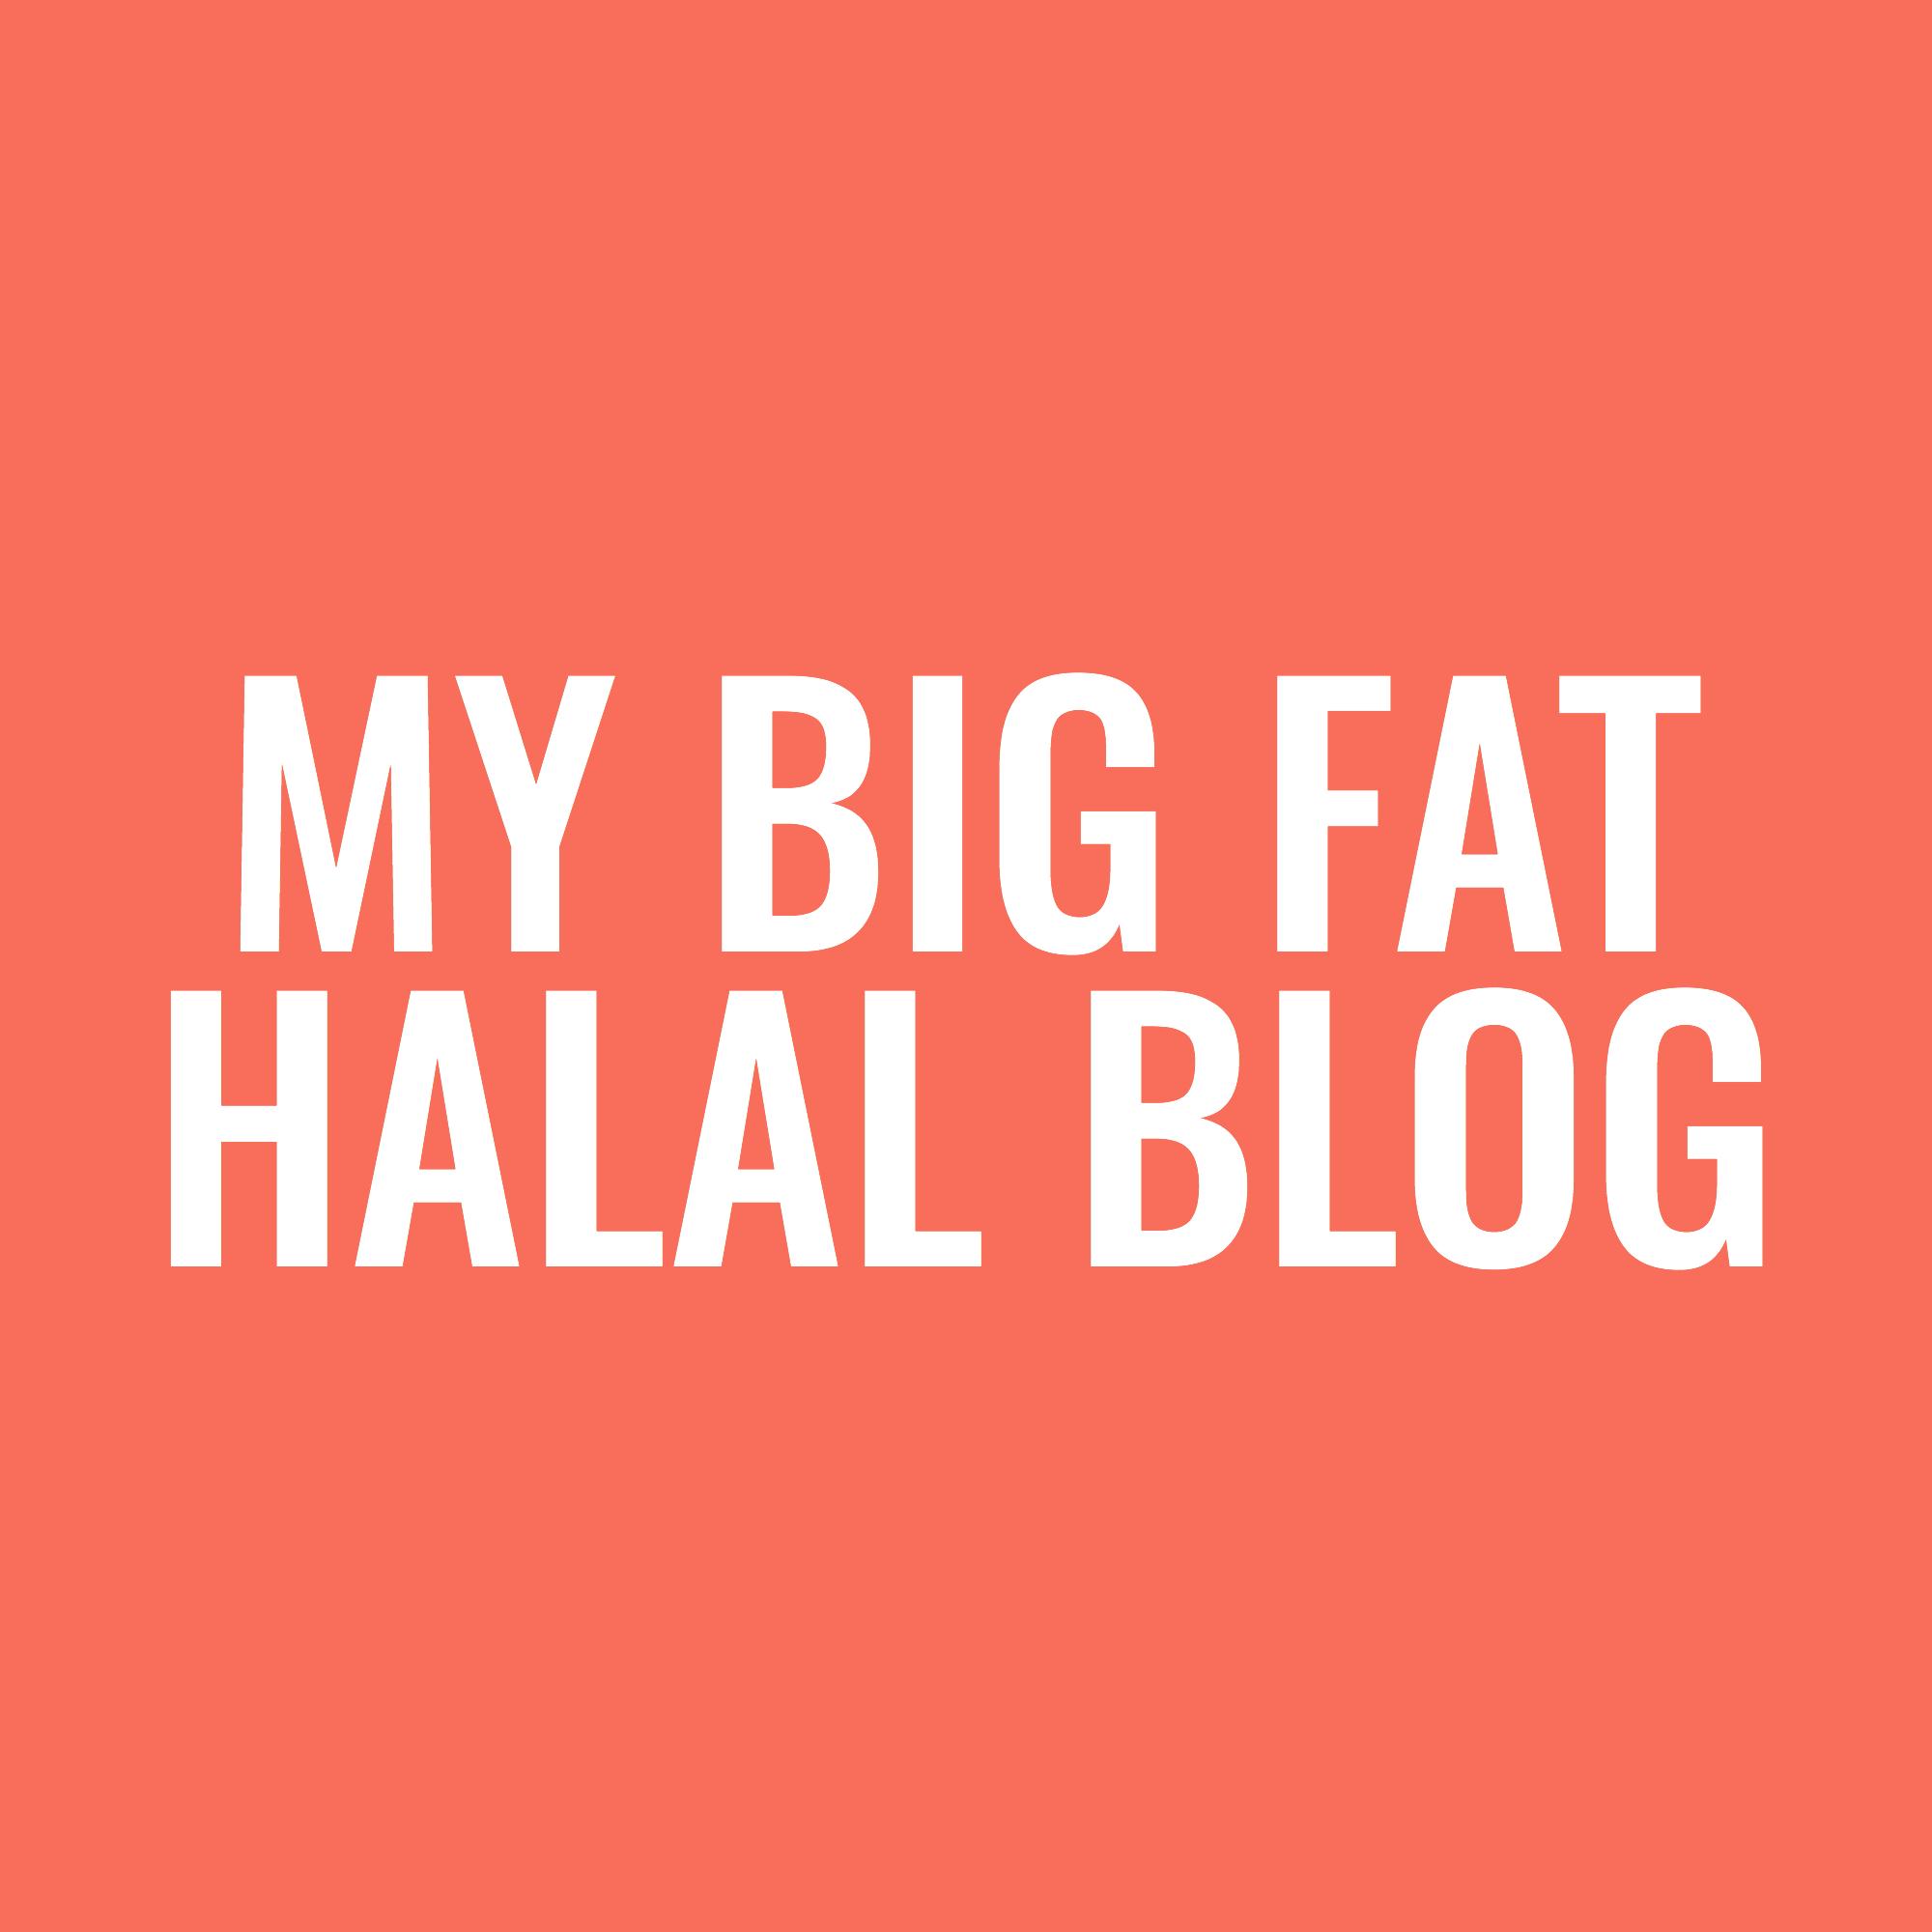 My Big Fat Halal Blog.png